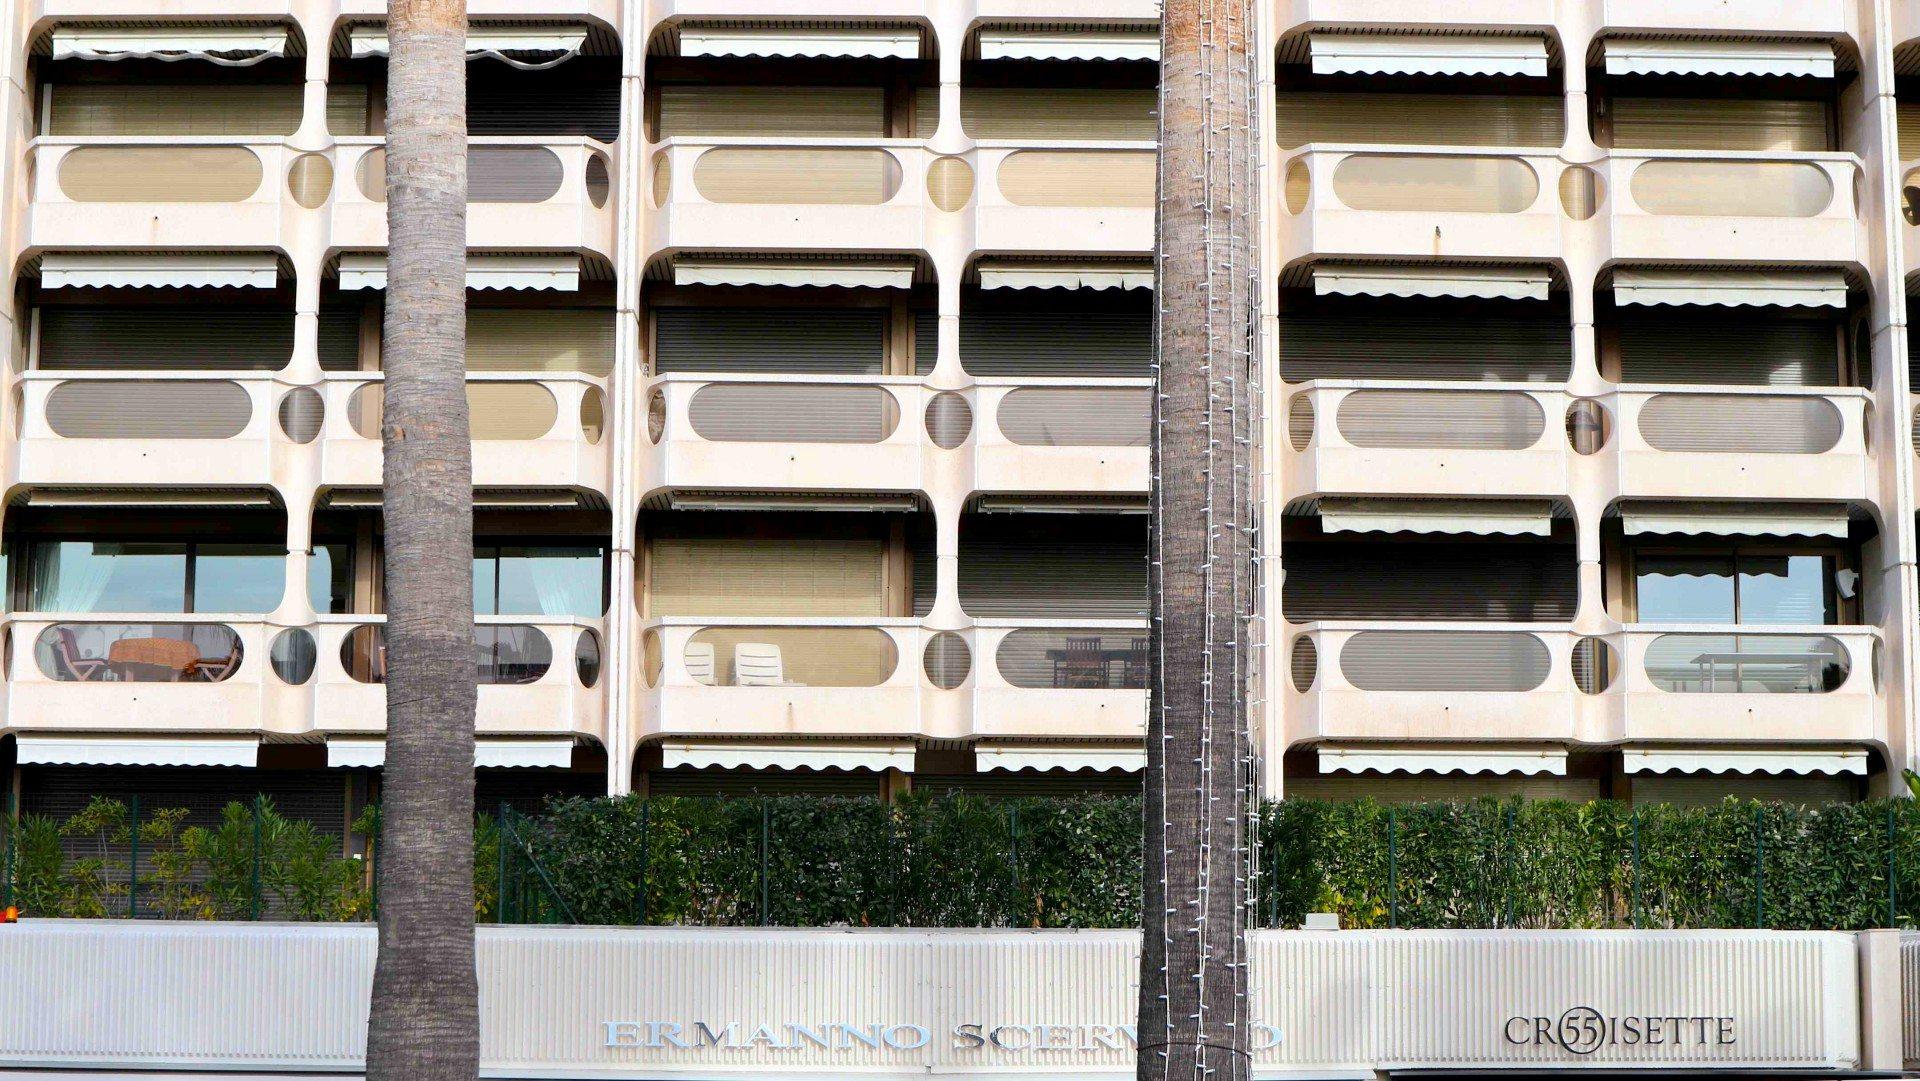 Résidence Centre Croisette.  von Hans Barreth und Eugène Lizero. Fertiggestellt 1974.